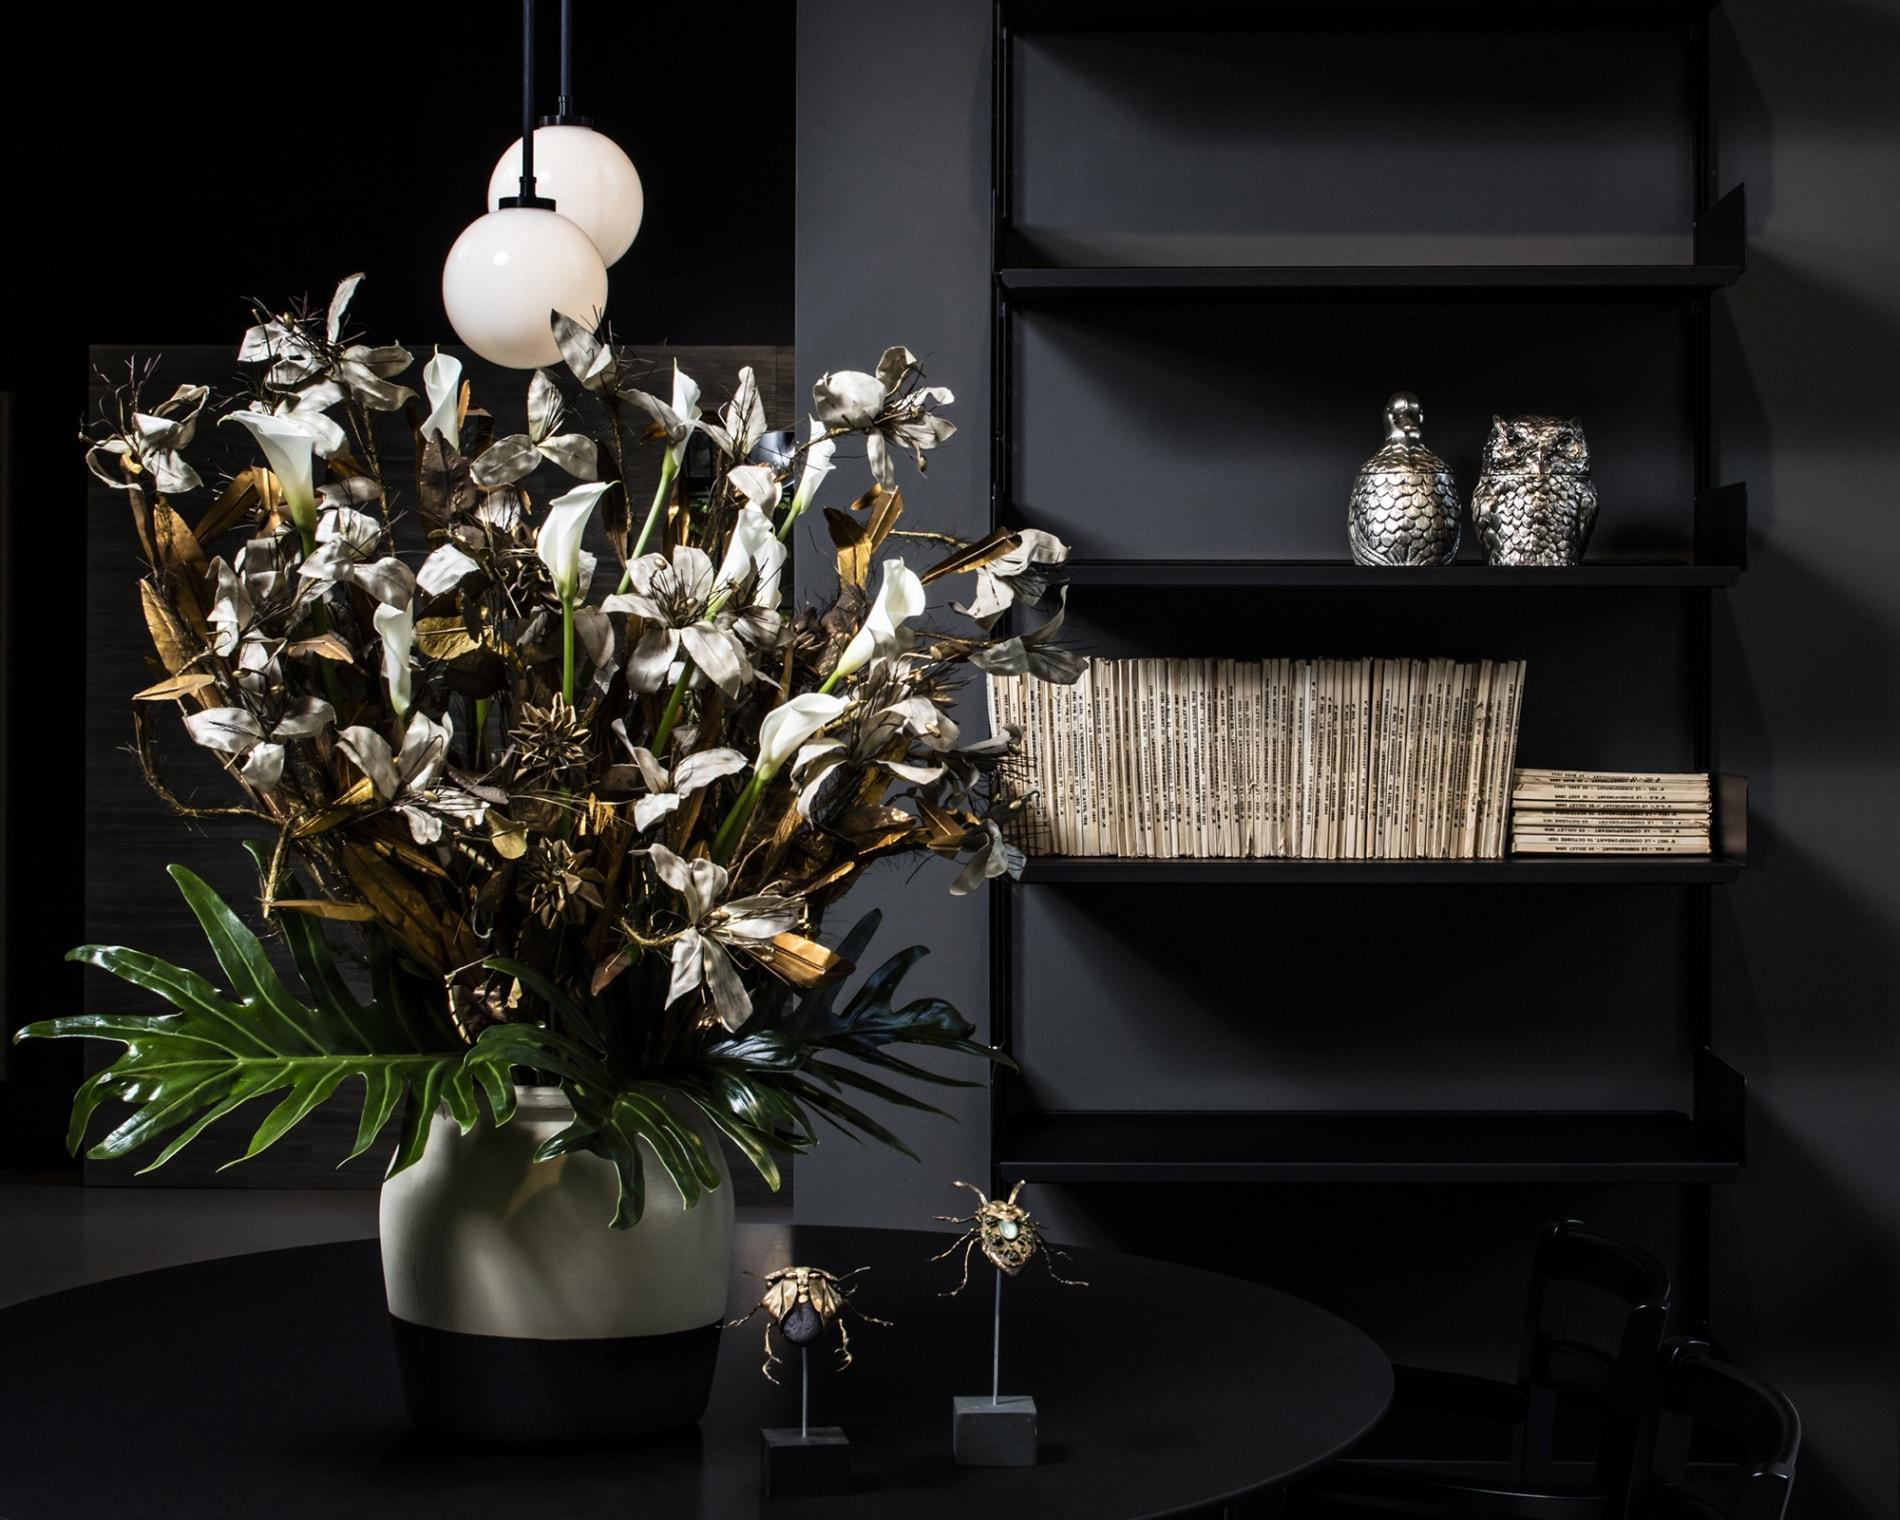 The De Padova collection at Boffi Lyon